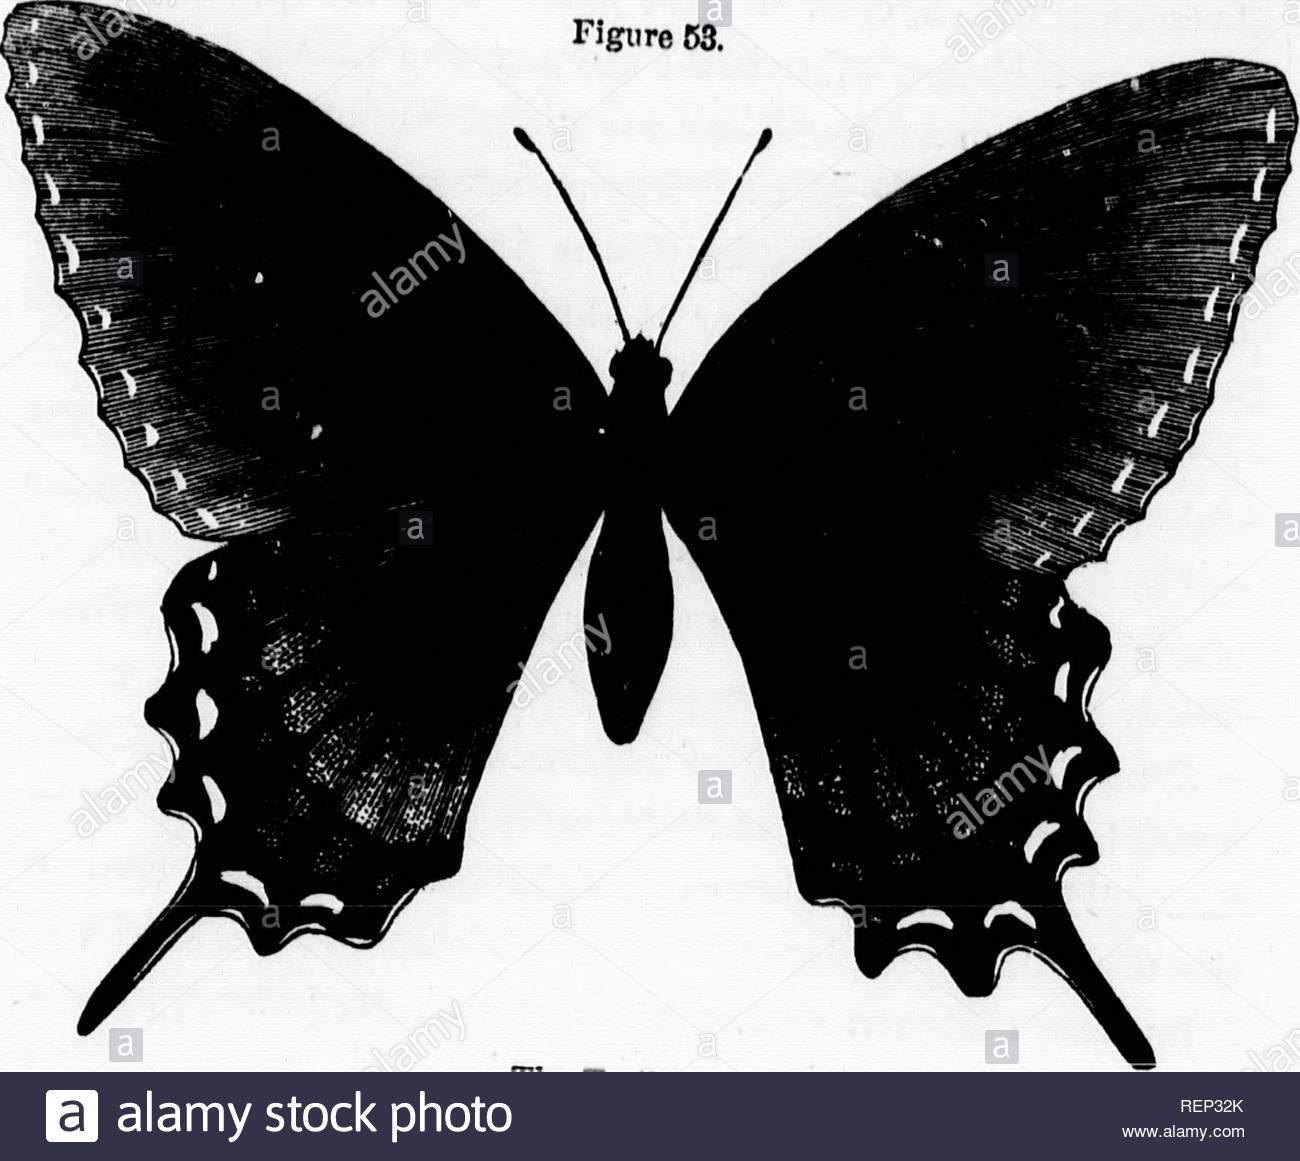 das leben der nordamerikanischen insekten microform insekten insectes ist ich y iii i 1 aos norden amkhican insekten erpillara aus sen cpgs sind veiy schadigenden zu ve tauon und es ist nicht uneo o siehe n je ztzt ty von tl em auf einen einzelnen stamm von earrot oder eelor se lar va werden in der regel unter dem namen petersilie worl bekannt und kann easdy zerstort werden sie sind glatt und eines br ght grune farbe se raupen konnen auch col werden ausgewahlt und ra sed ohne muhe mit der ausnahme dass viele von ihnen 0 s tung von ichneumon wespen kaution in eac ein ei made von rep32k